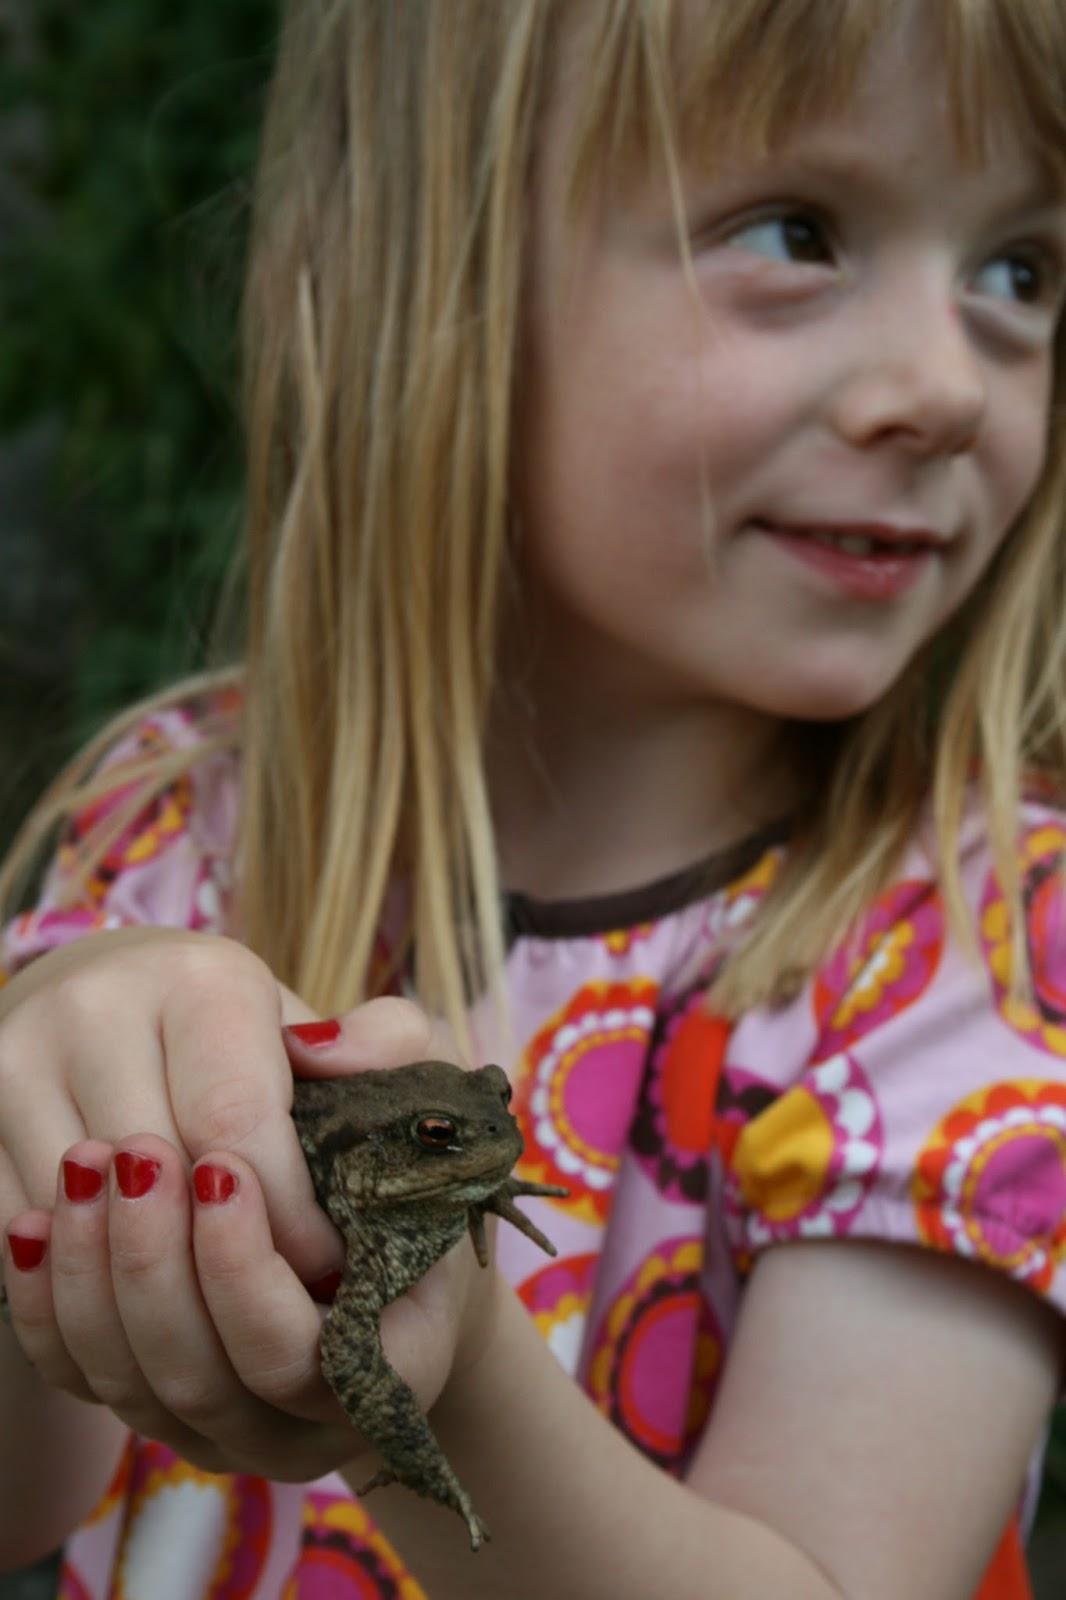 grodor paddor i trädgården